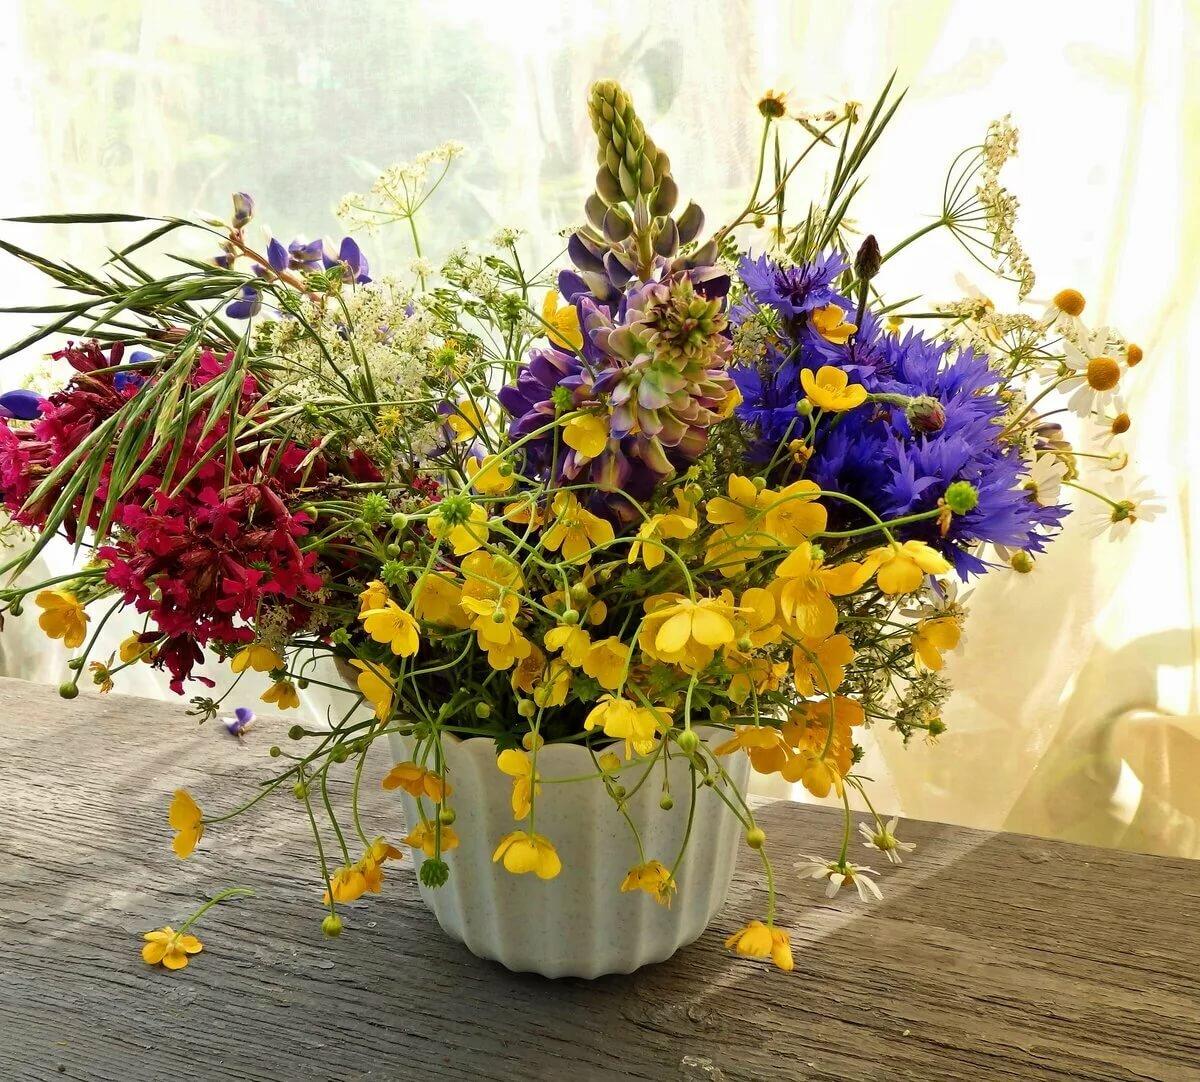 вам картинка летний букет цветов фото маленького городка нормально